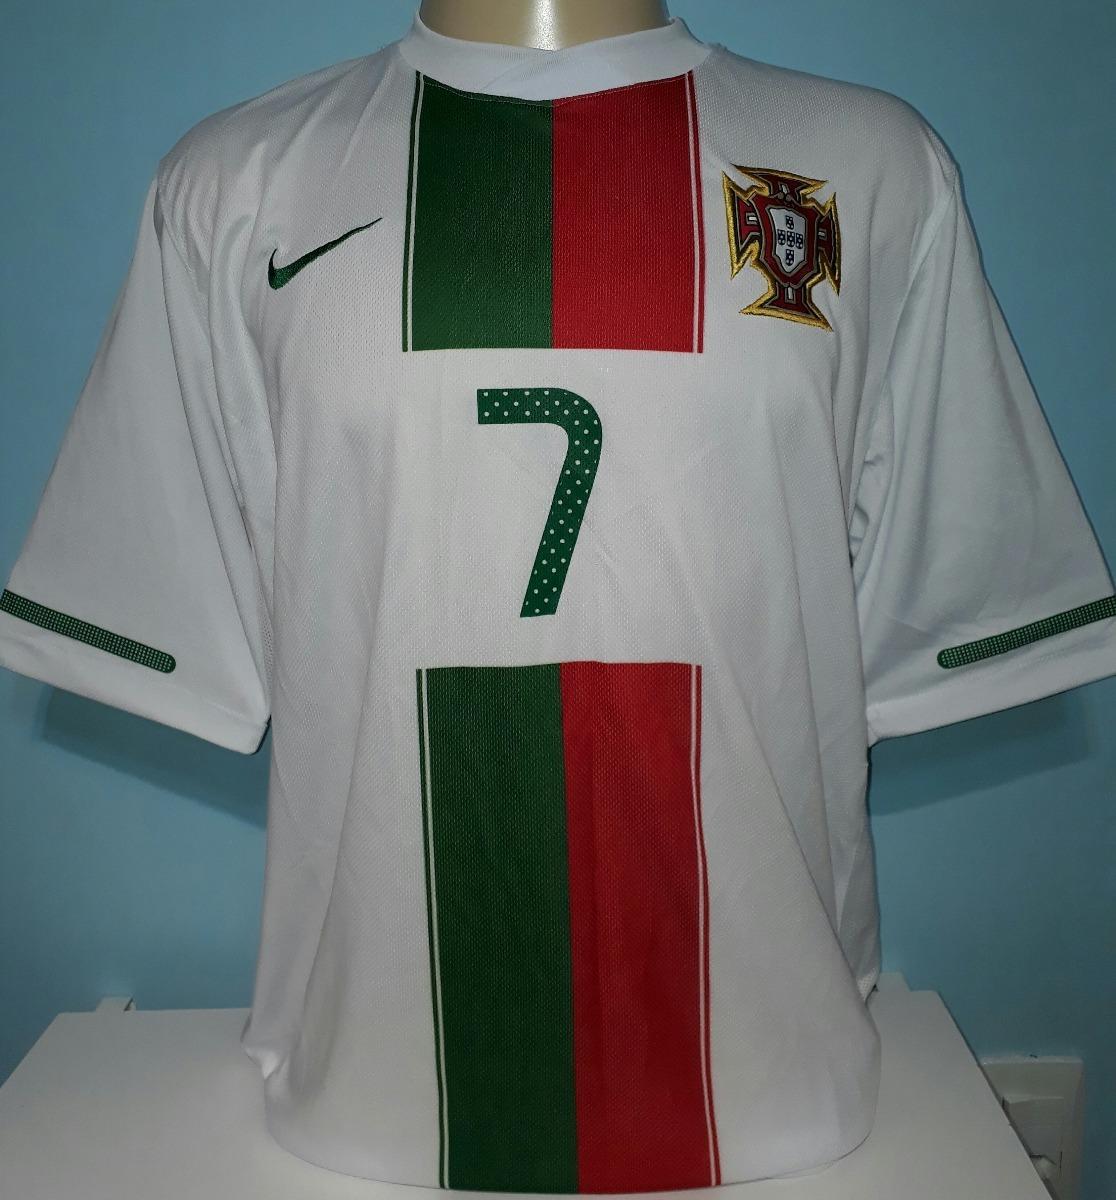 0a4baa706c022 camisa seleção portugal 2010 cristiano ronaldo nike nova- cr. Carregando  zoom.